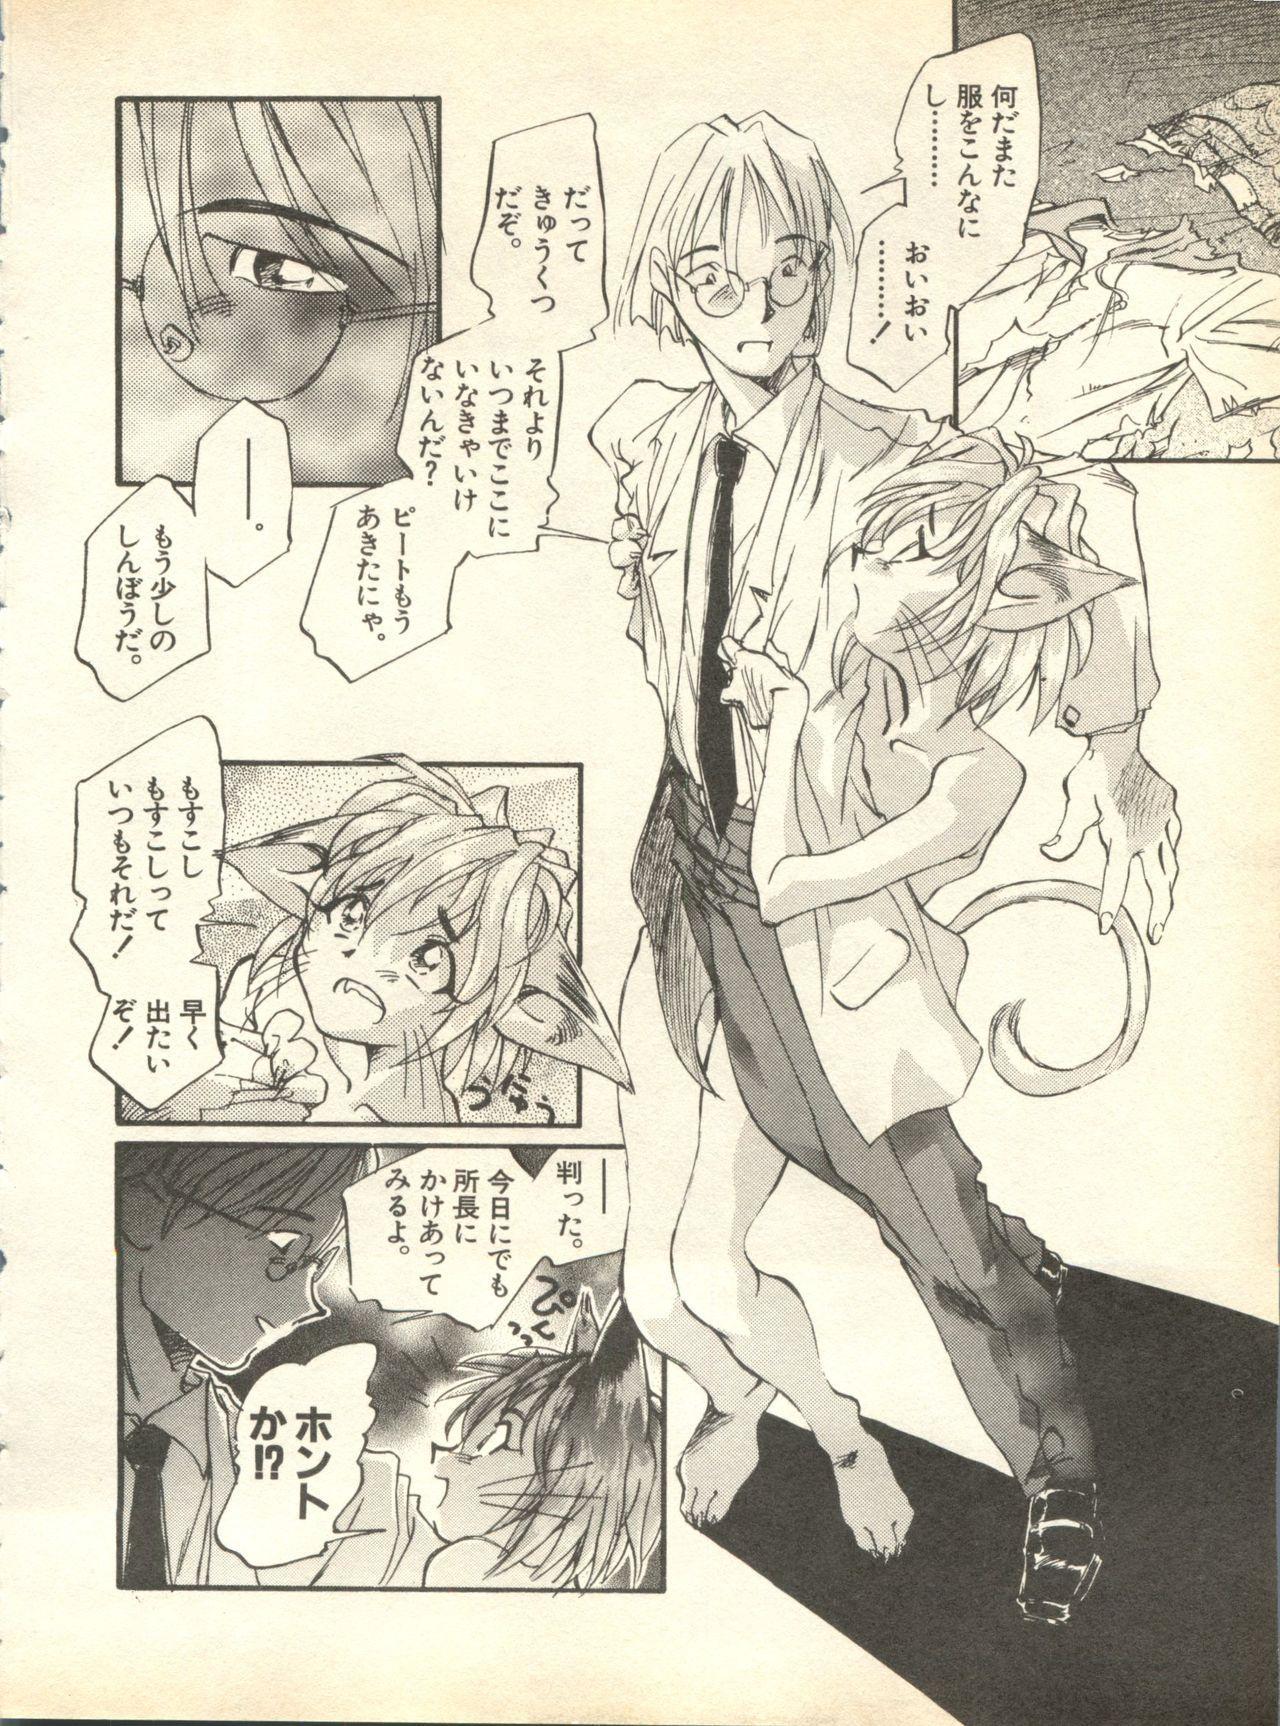 Pai;kuu 1998 October Vol. 13 193